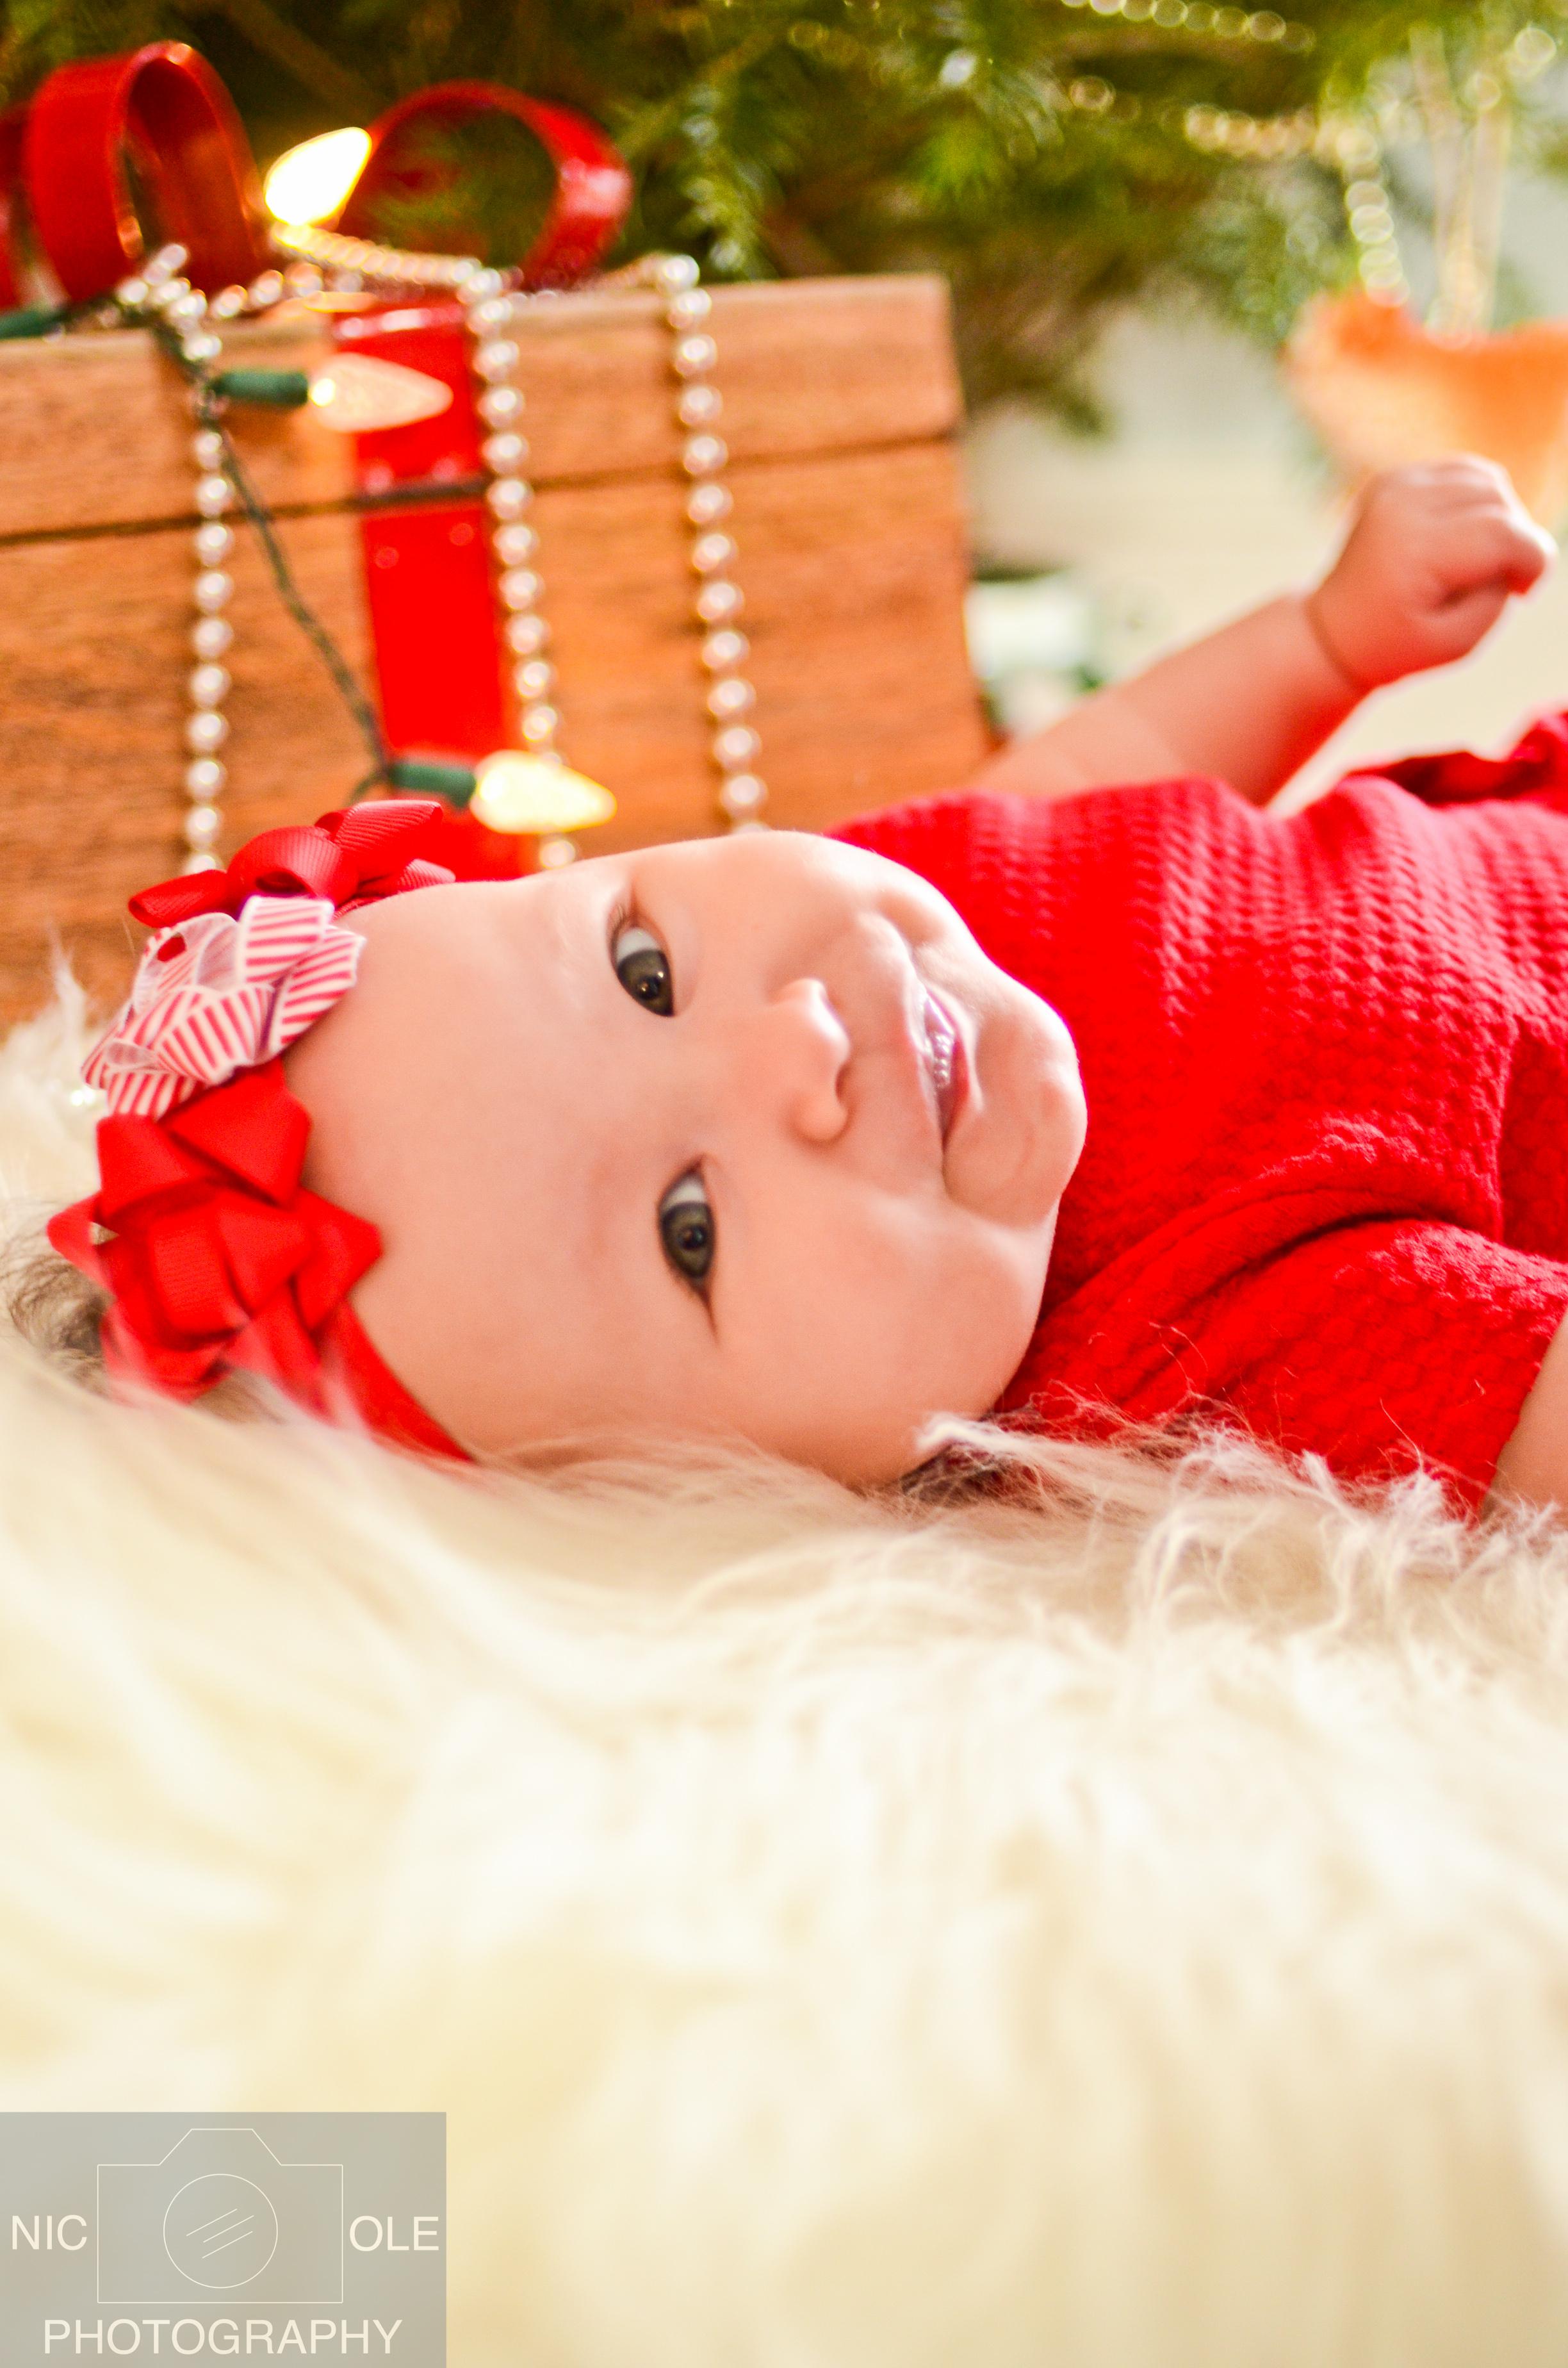 O&Z Christmas Photos- Nic.Ole Photography-6.jpg